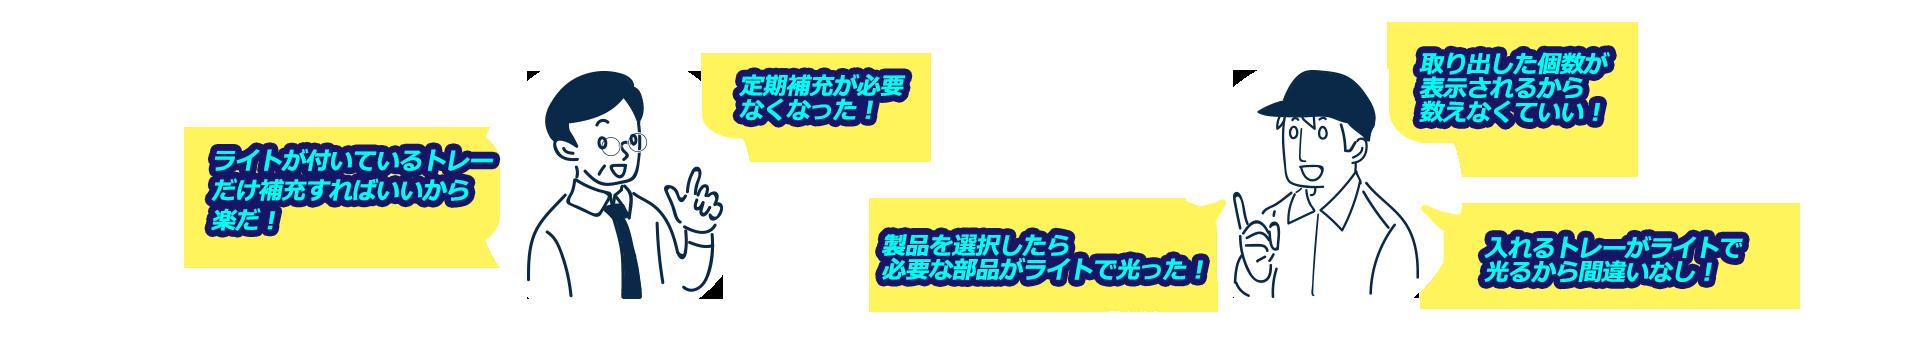 keisoku_kaiwa